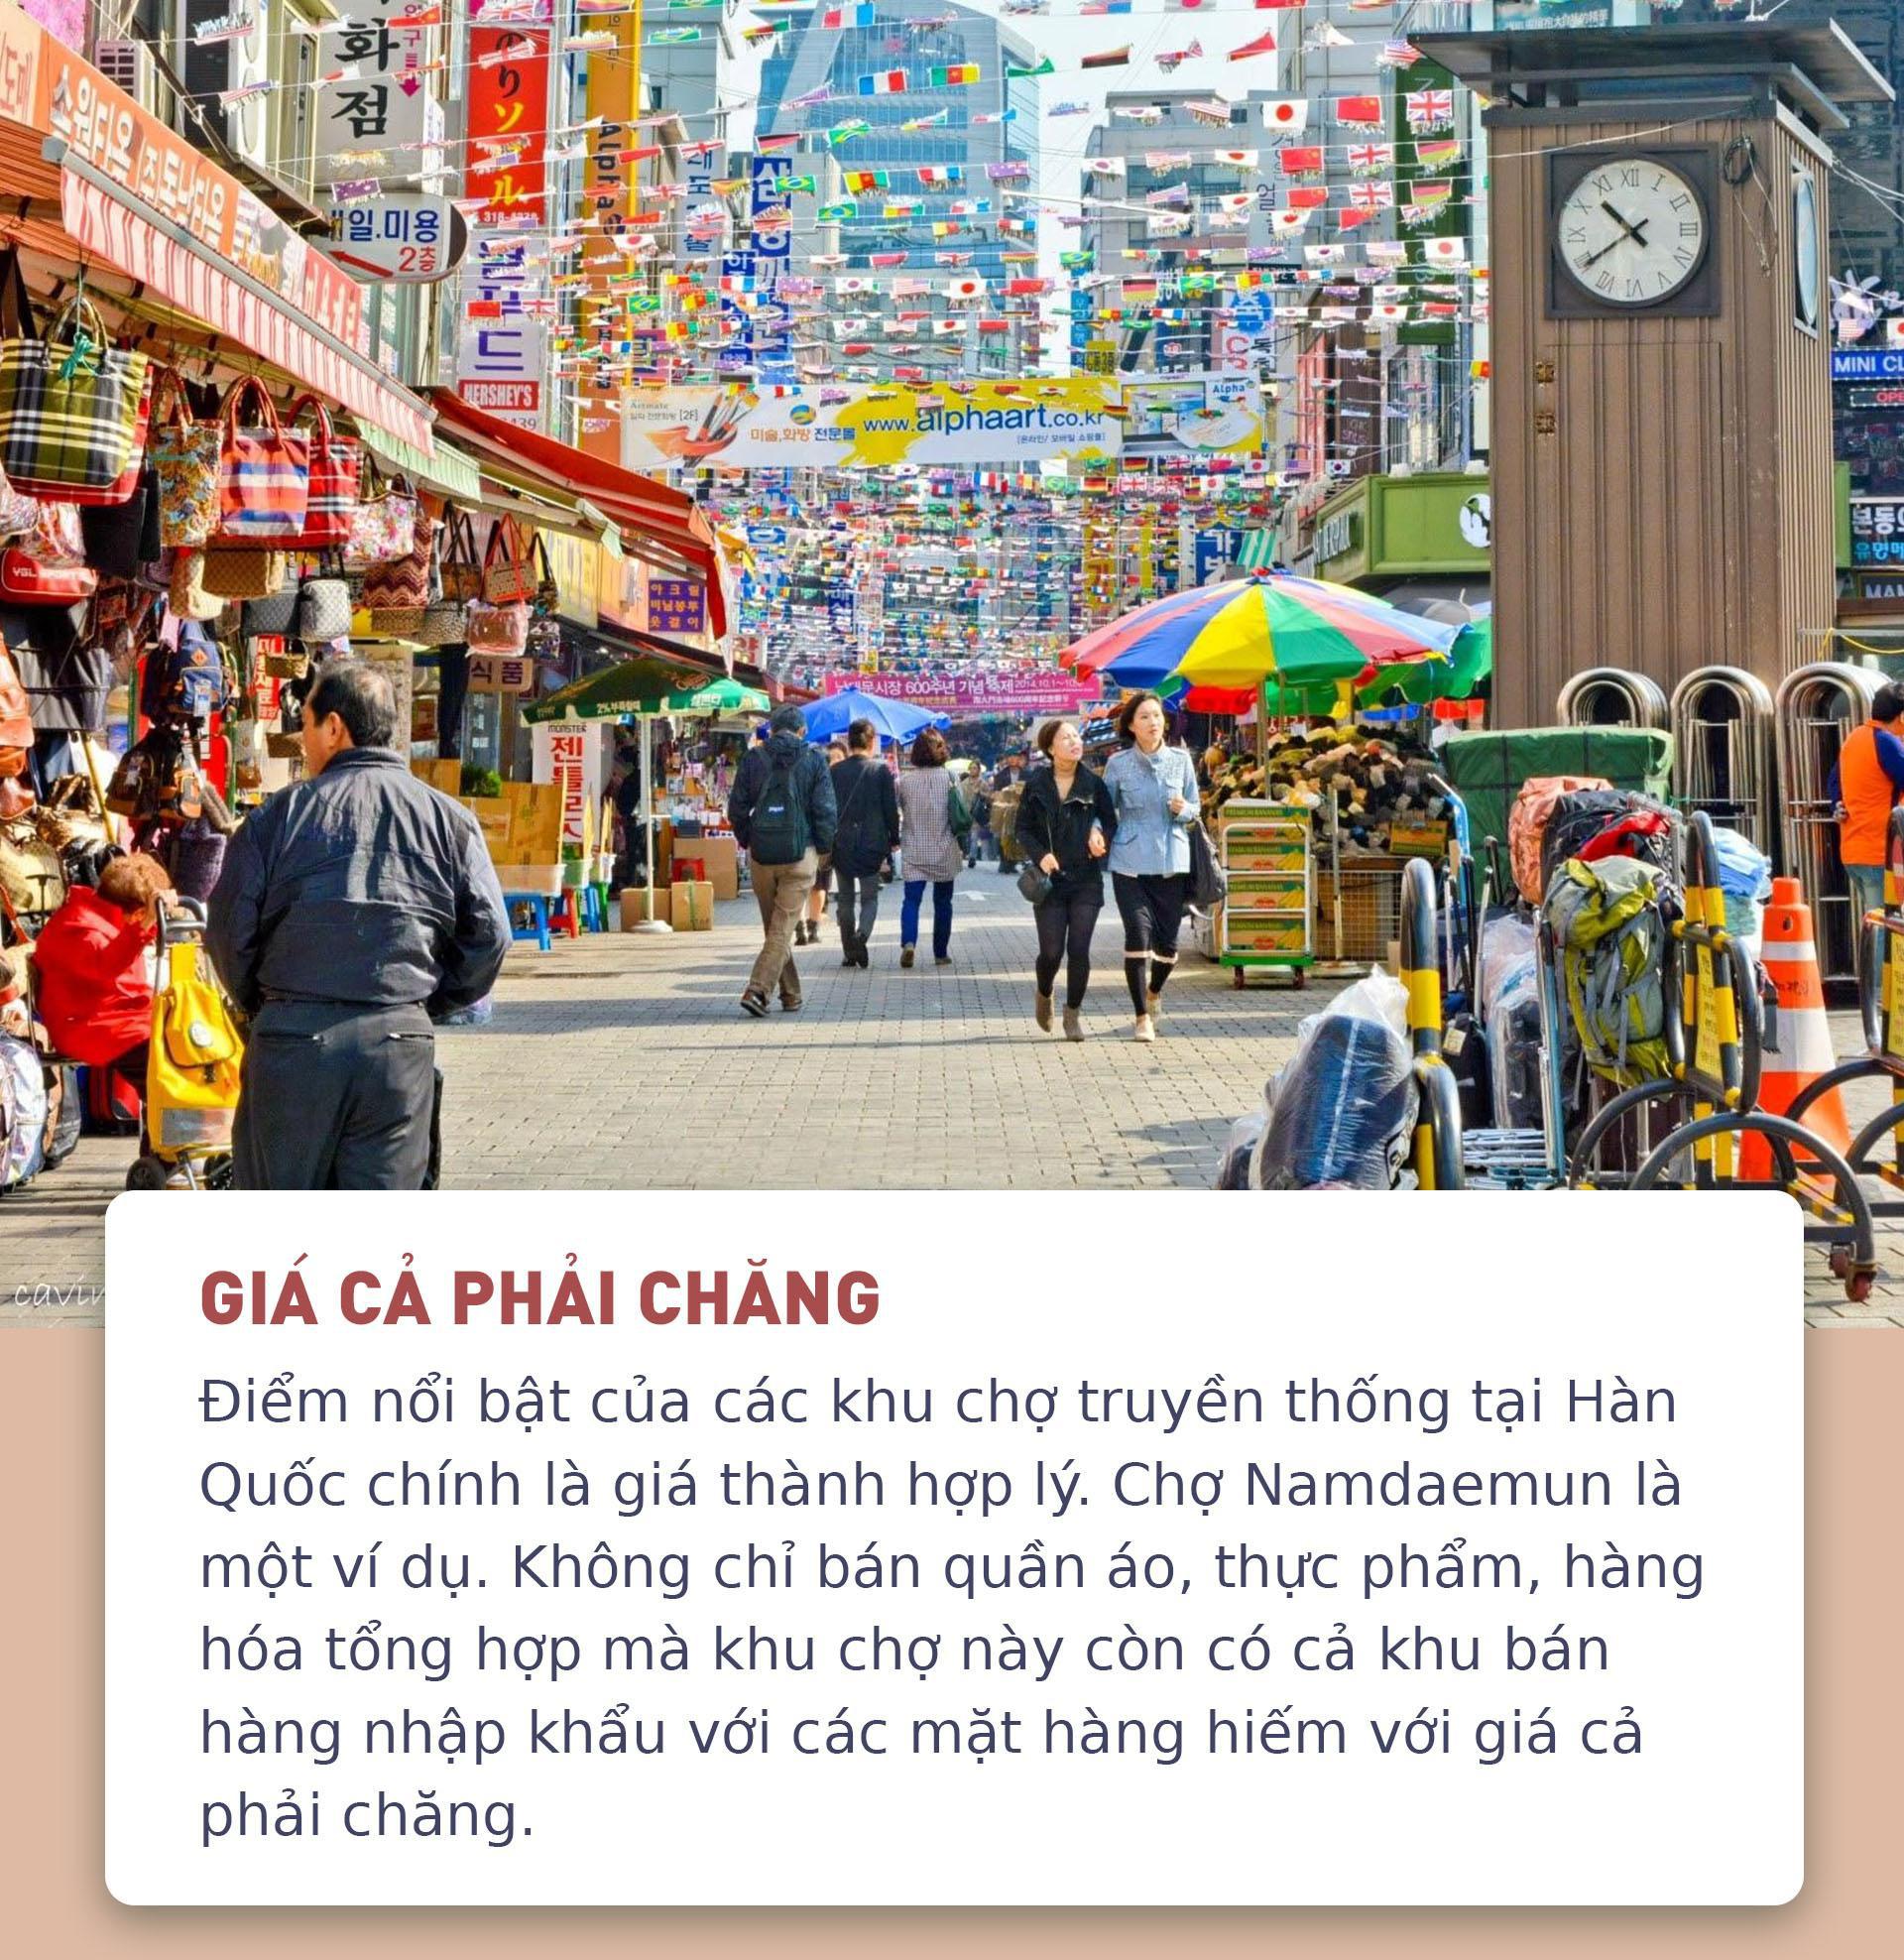 5 lý do khiến các khu chợ truyền thống là điểm du lịch lý tưởng khi đến Hàn Quốc - Ảnh 5.